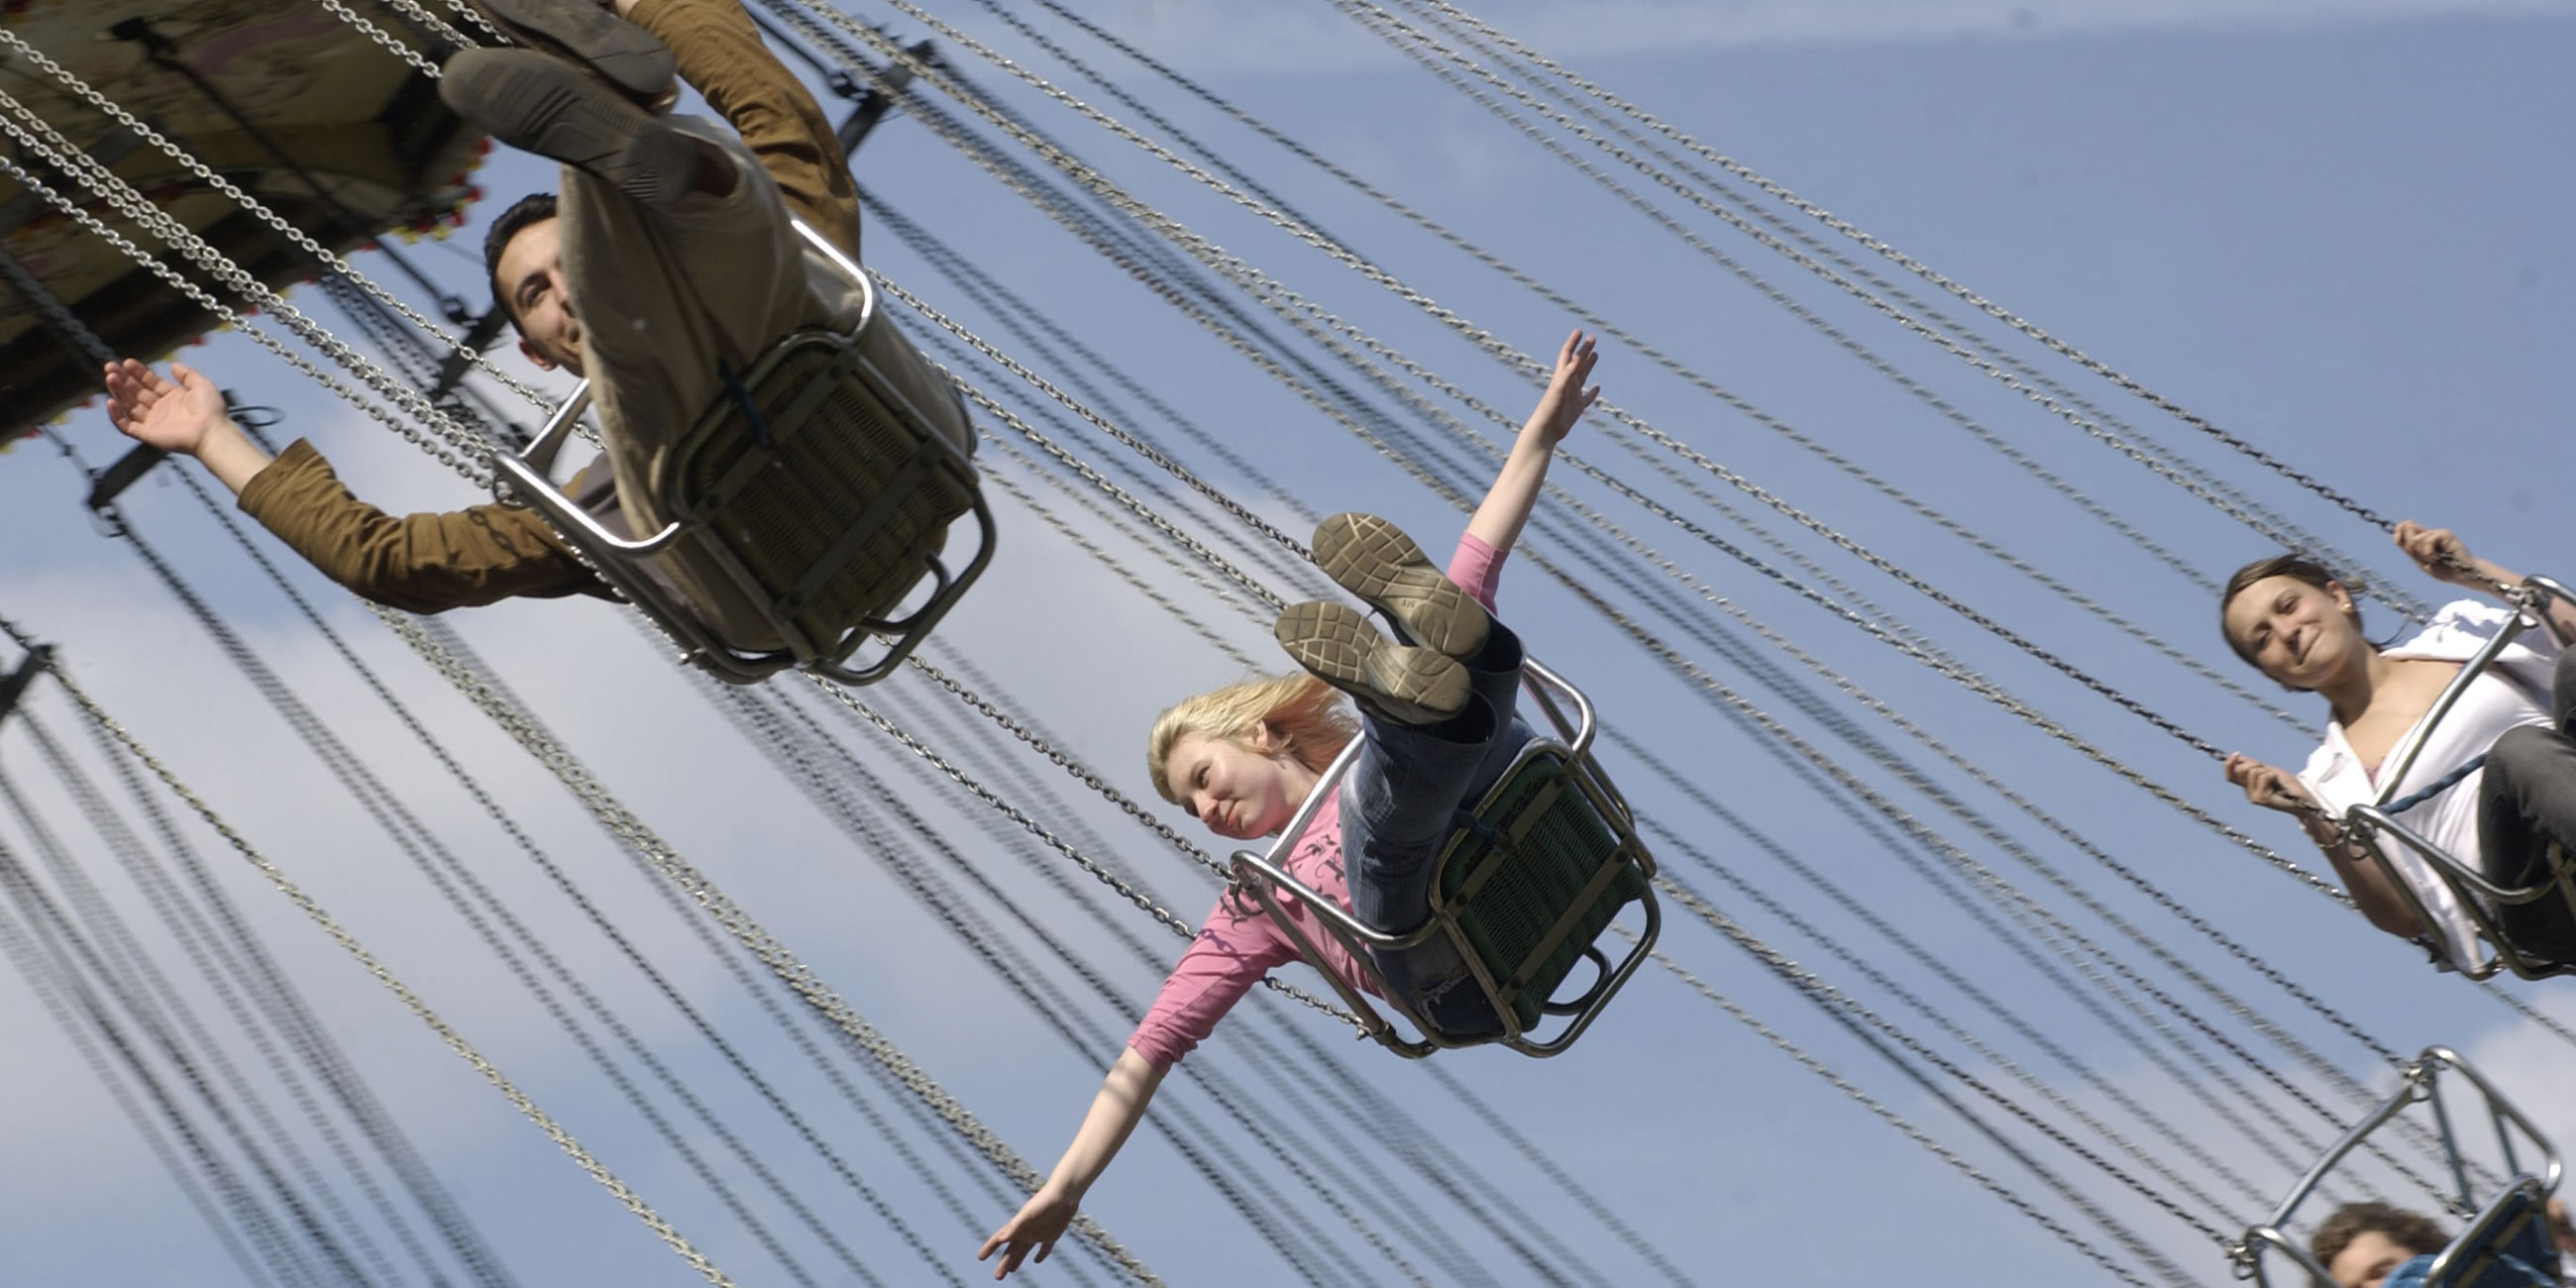 В парке аттракционов есть развлечения для детей и взрослыхФото: globallookpress.com